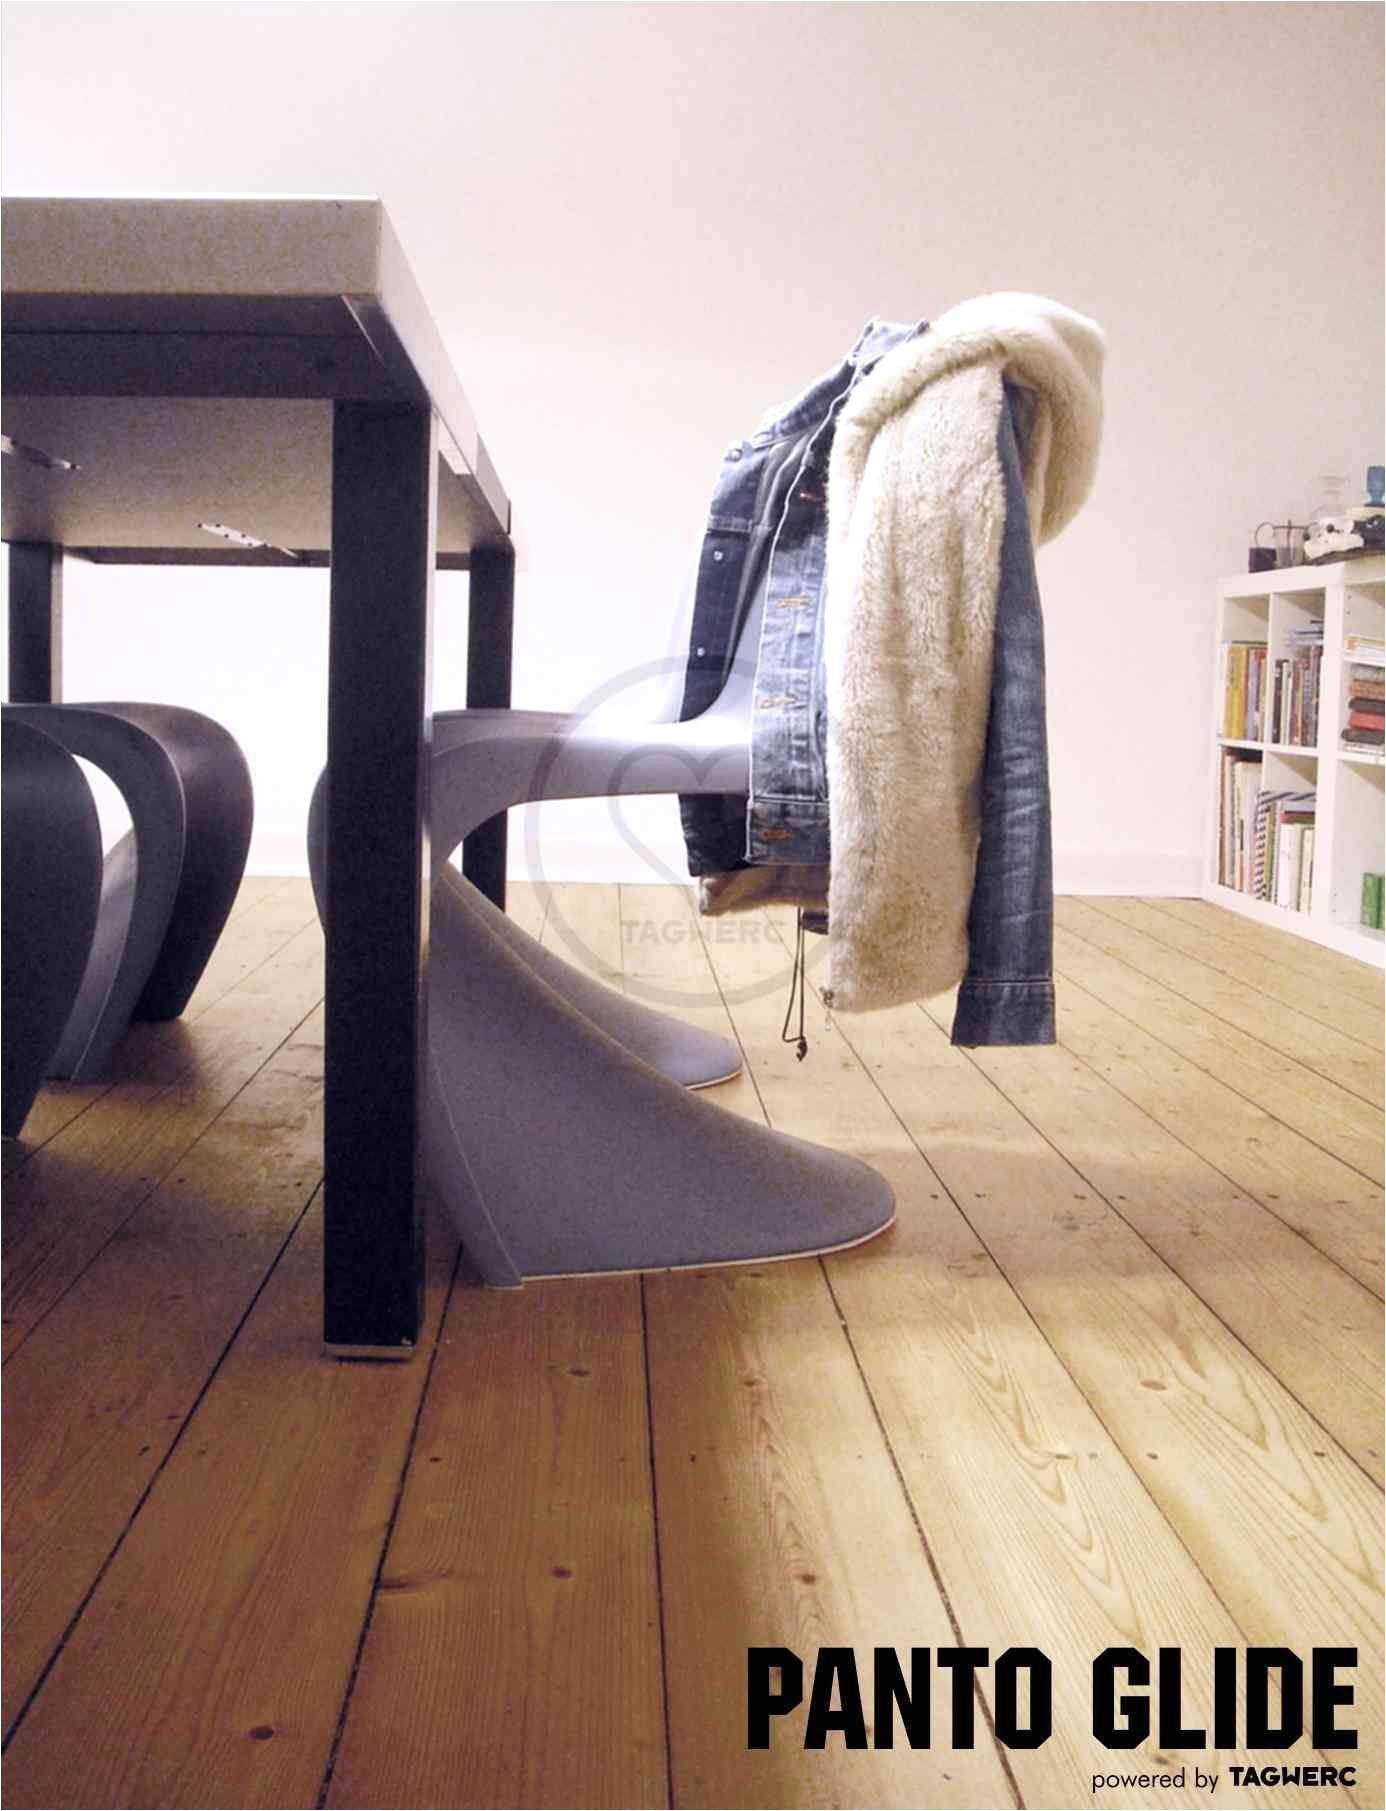 Best Chair Leg Pads For Hardwood Floors 50 Elegant Chair Glides For